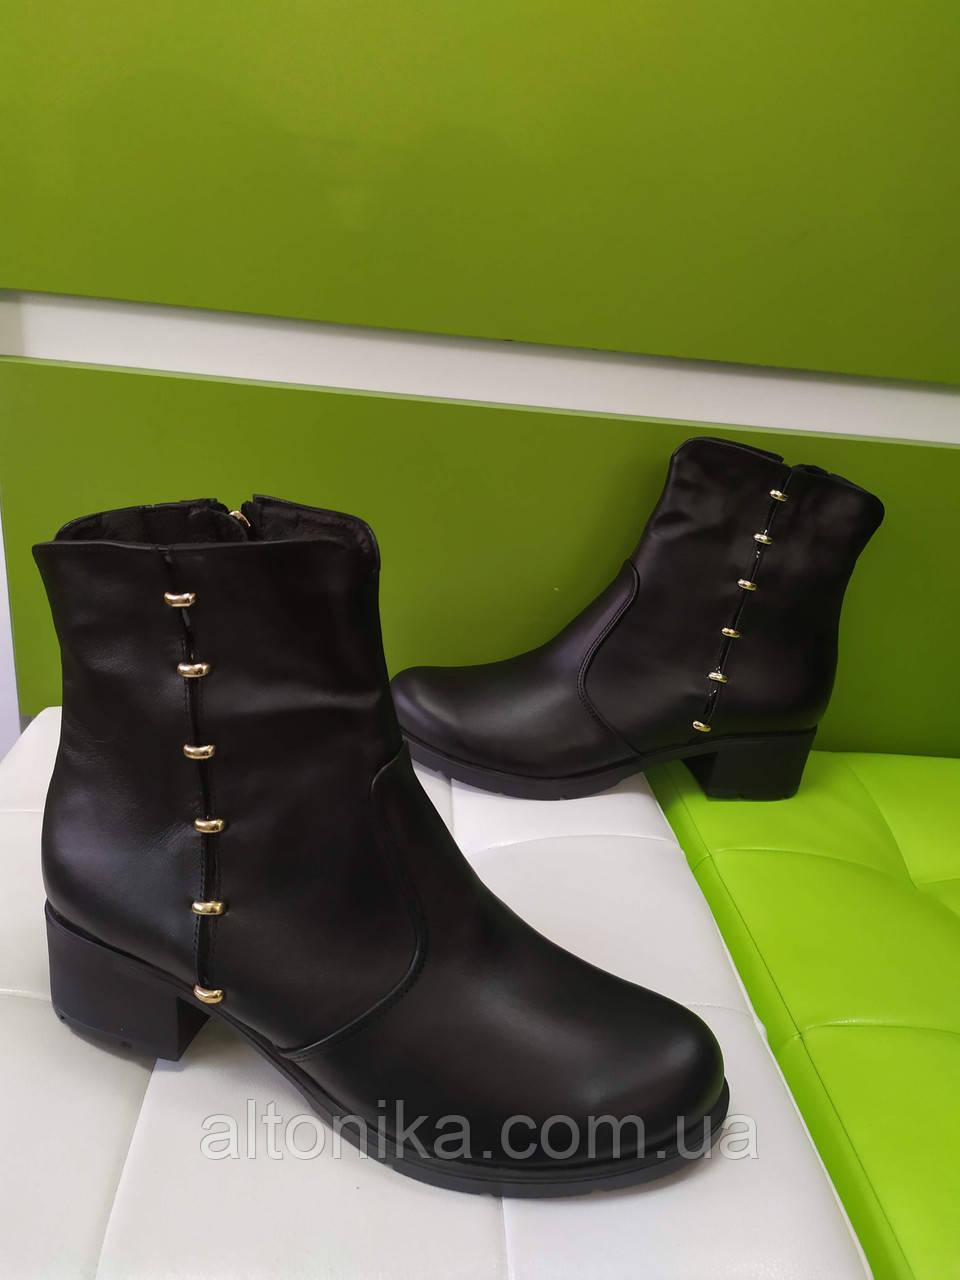 STTOPA деми зима. Размеры 36-44. Ботинки кожаные больших размеров! Каблук 4,5 см. С9-33-3642-45-3644 Черные